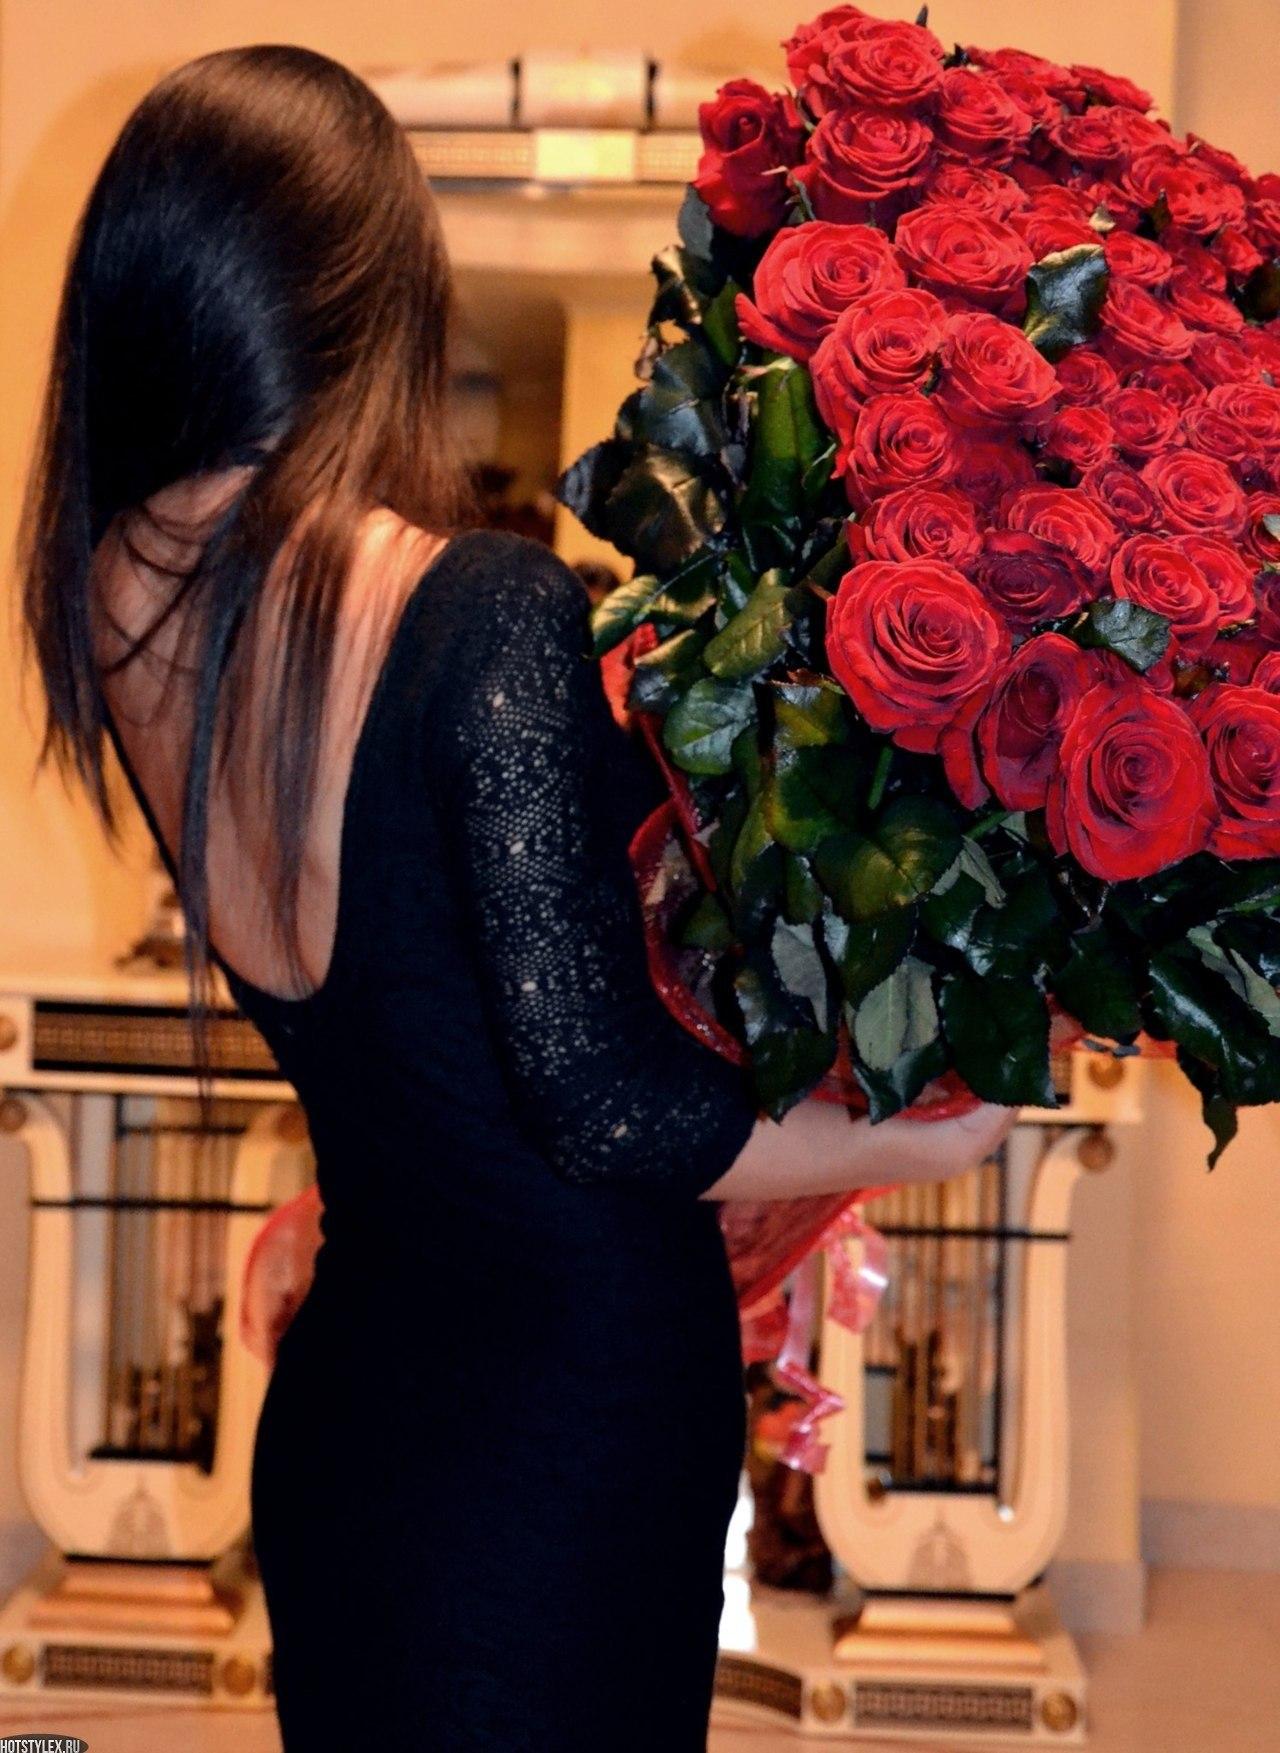 Фото девушек в ресторане с цветами без лица